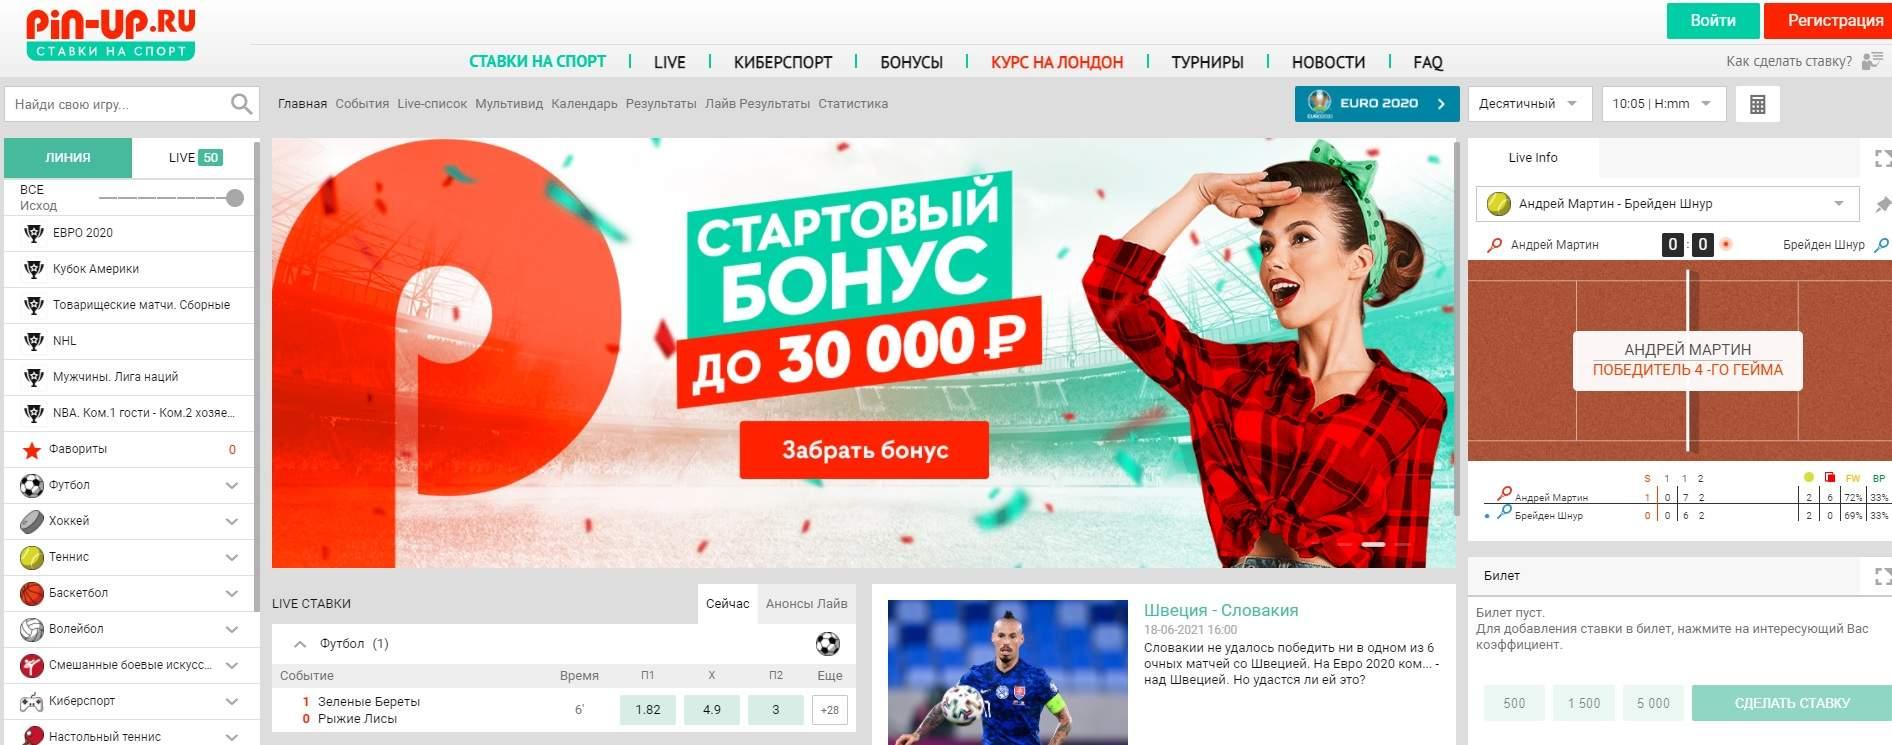 ofitsialnyj sajt pin up ru legalnaya bukmekerskaya kontora